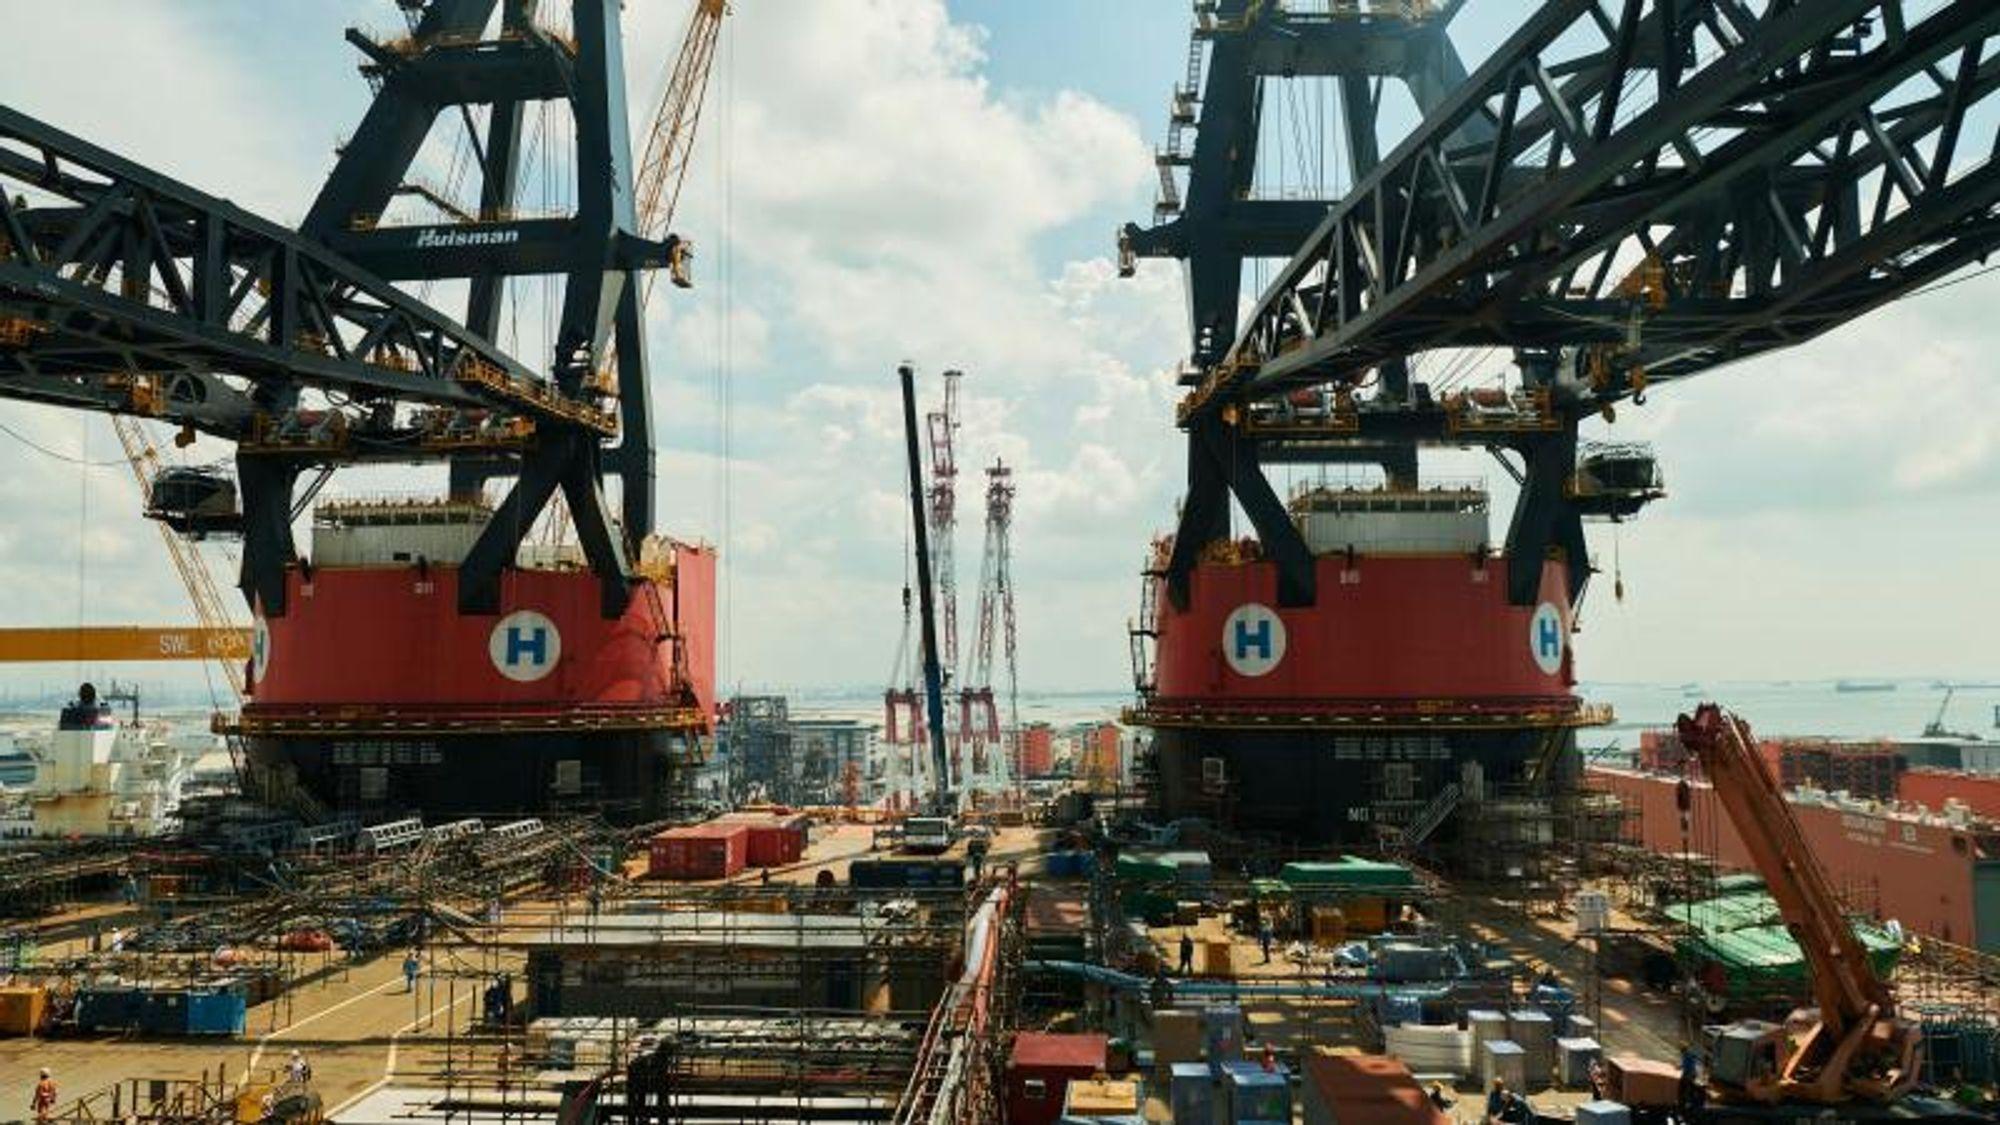 – Sleipnir er et godt eksempel på den typen spesialfartøy som to konkurrerende Singapore-verft har gjort til sin nisje i kampen mot statsstøttede verft med lavtlønnet arbeidskraft; særlig i Kina og Syd-Korea.